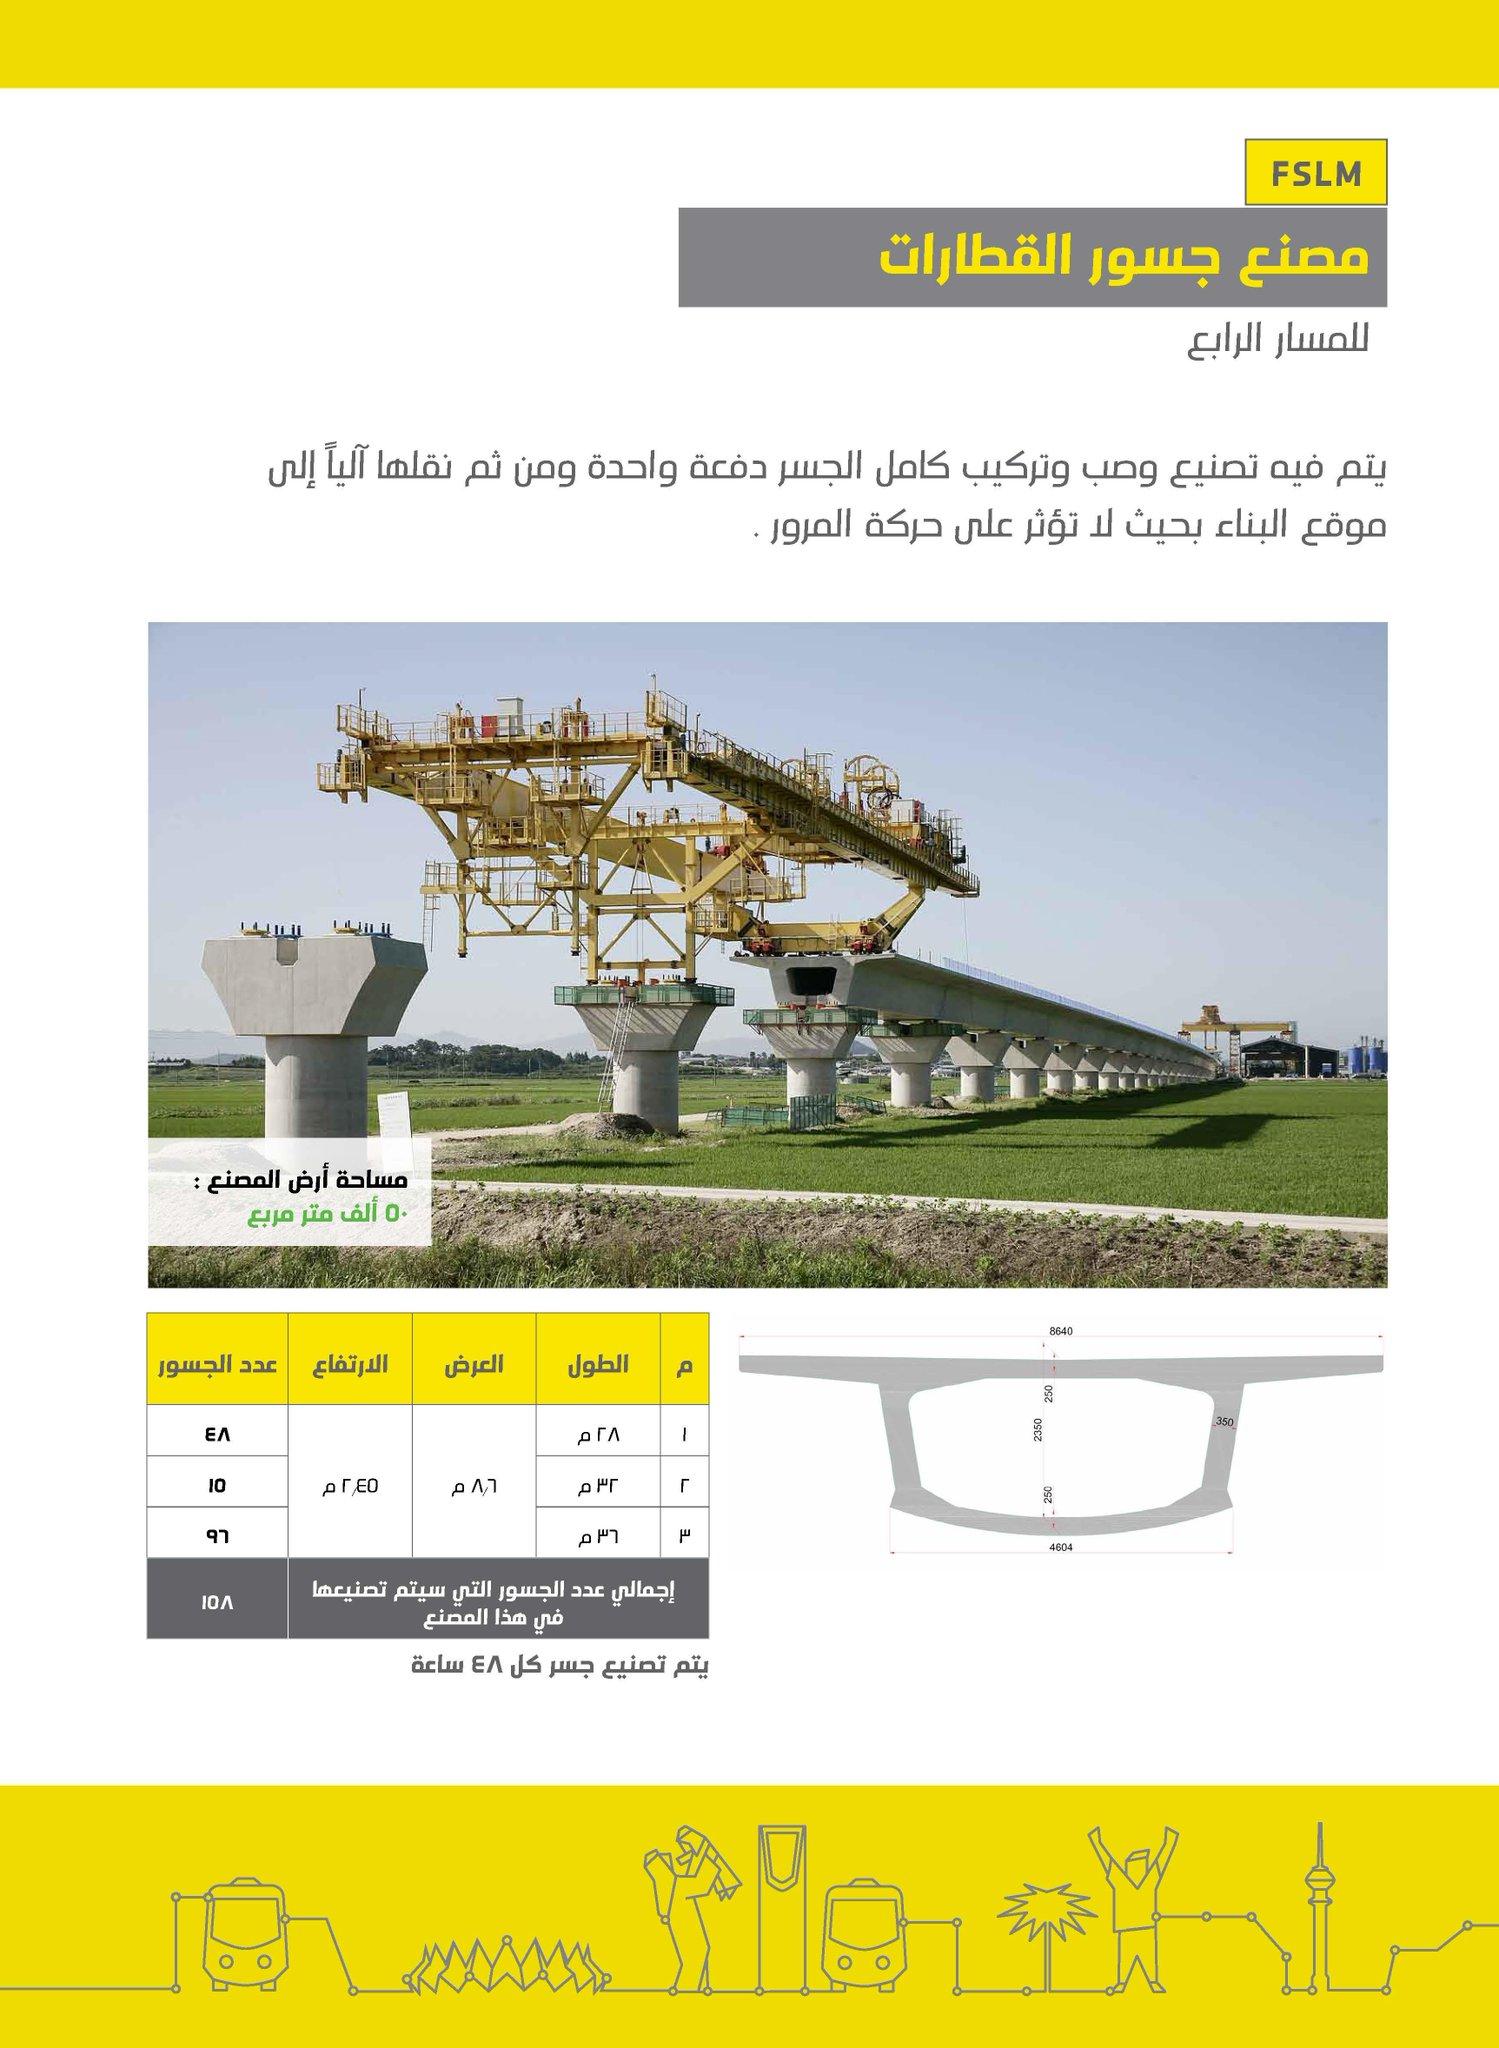 السعوديه دولة عظمى وفي طريقها الى العالم الأول  - صفحة 2 CAdcnSzUYAAghct